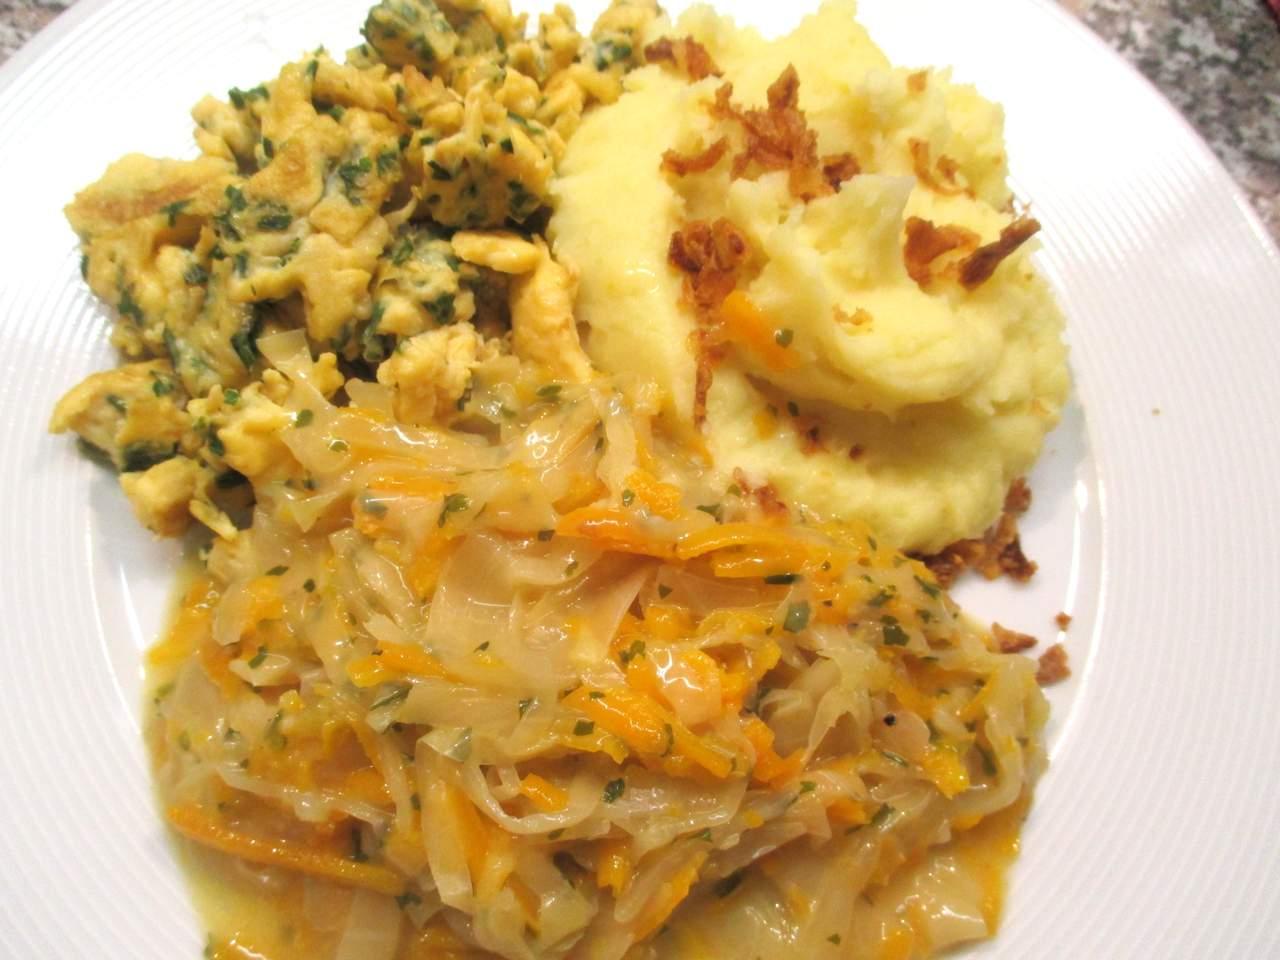 Angerichtet Kartoffelbrei mit gerösteten Zwiebeln, Rührei und Karotten-Weißkohl Gemüse